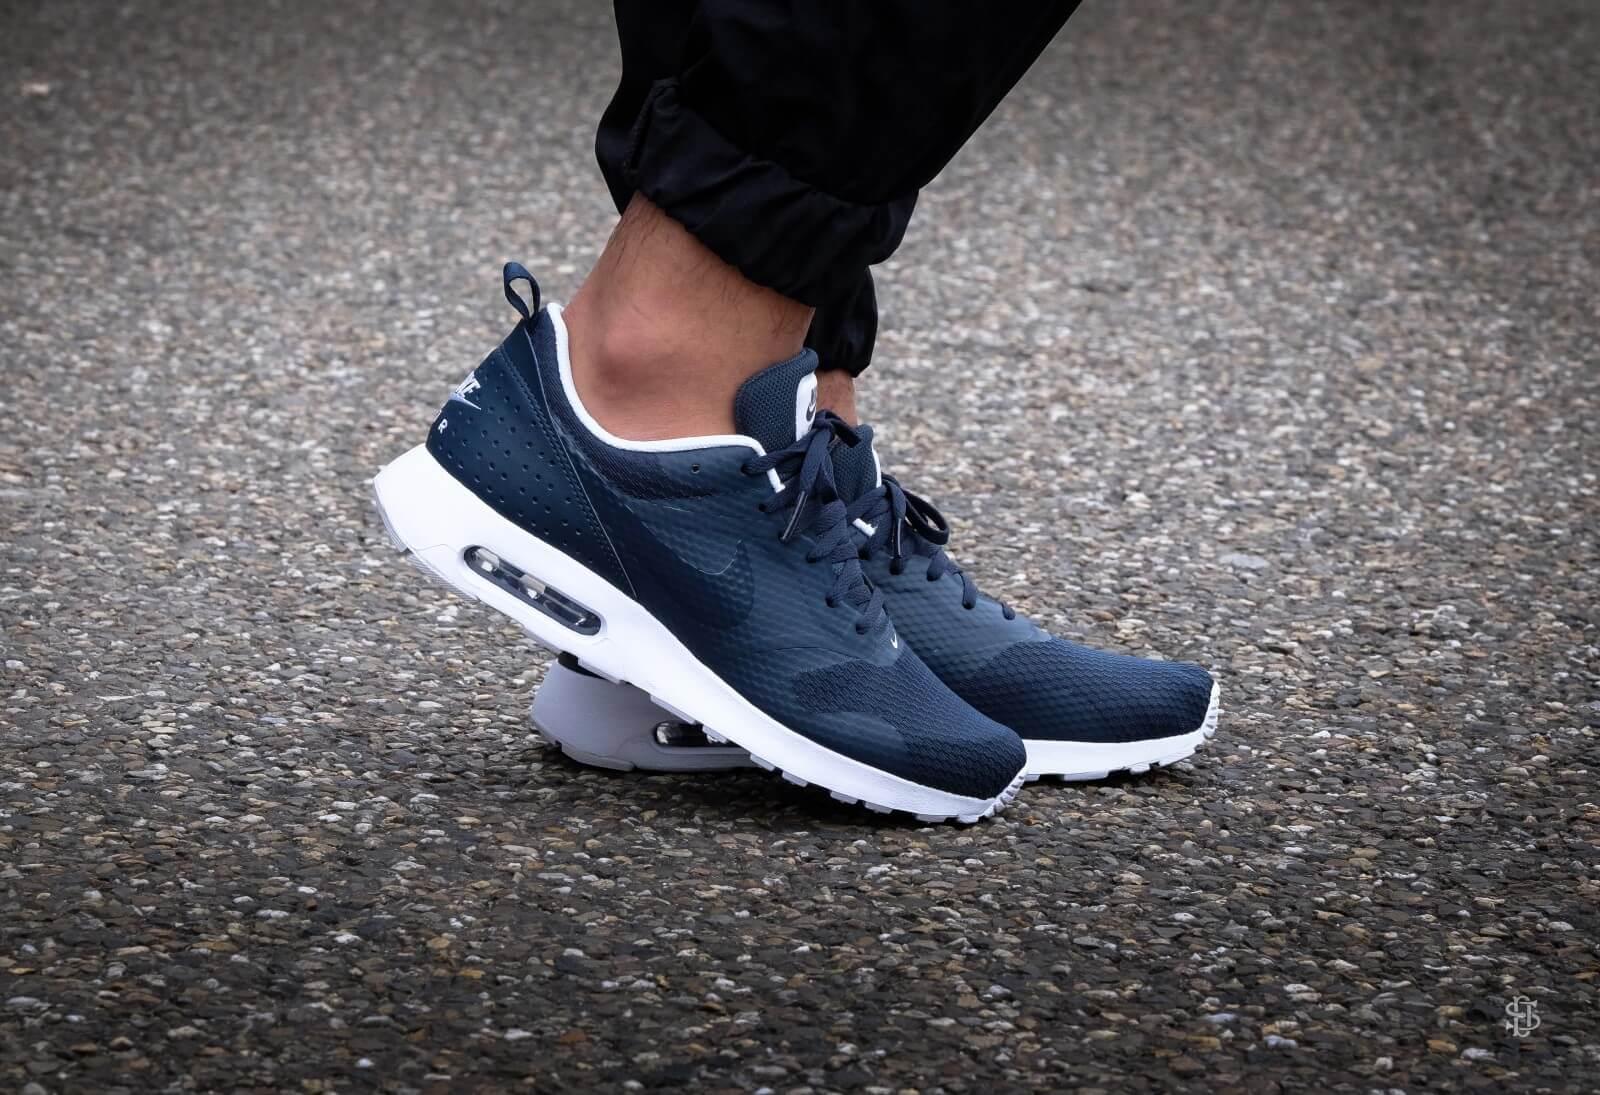 online store 97c7f e937c Grande lection Nike Air Max Tavas Homme Chaussures Pas Cher Alainhemet